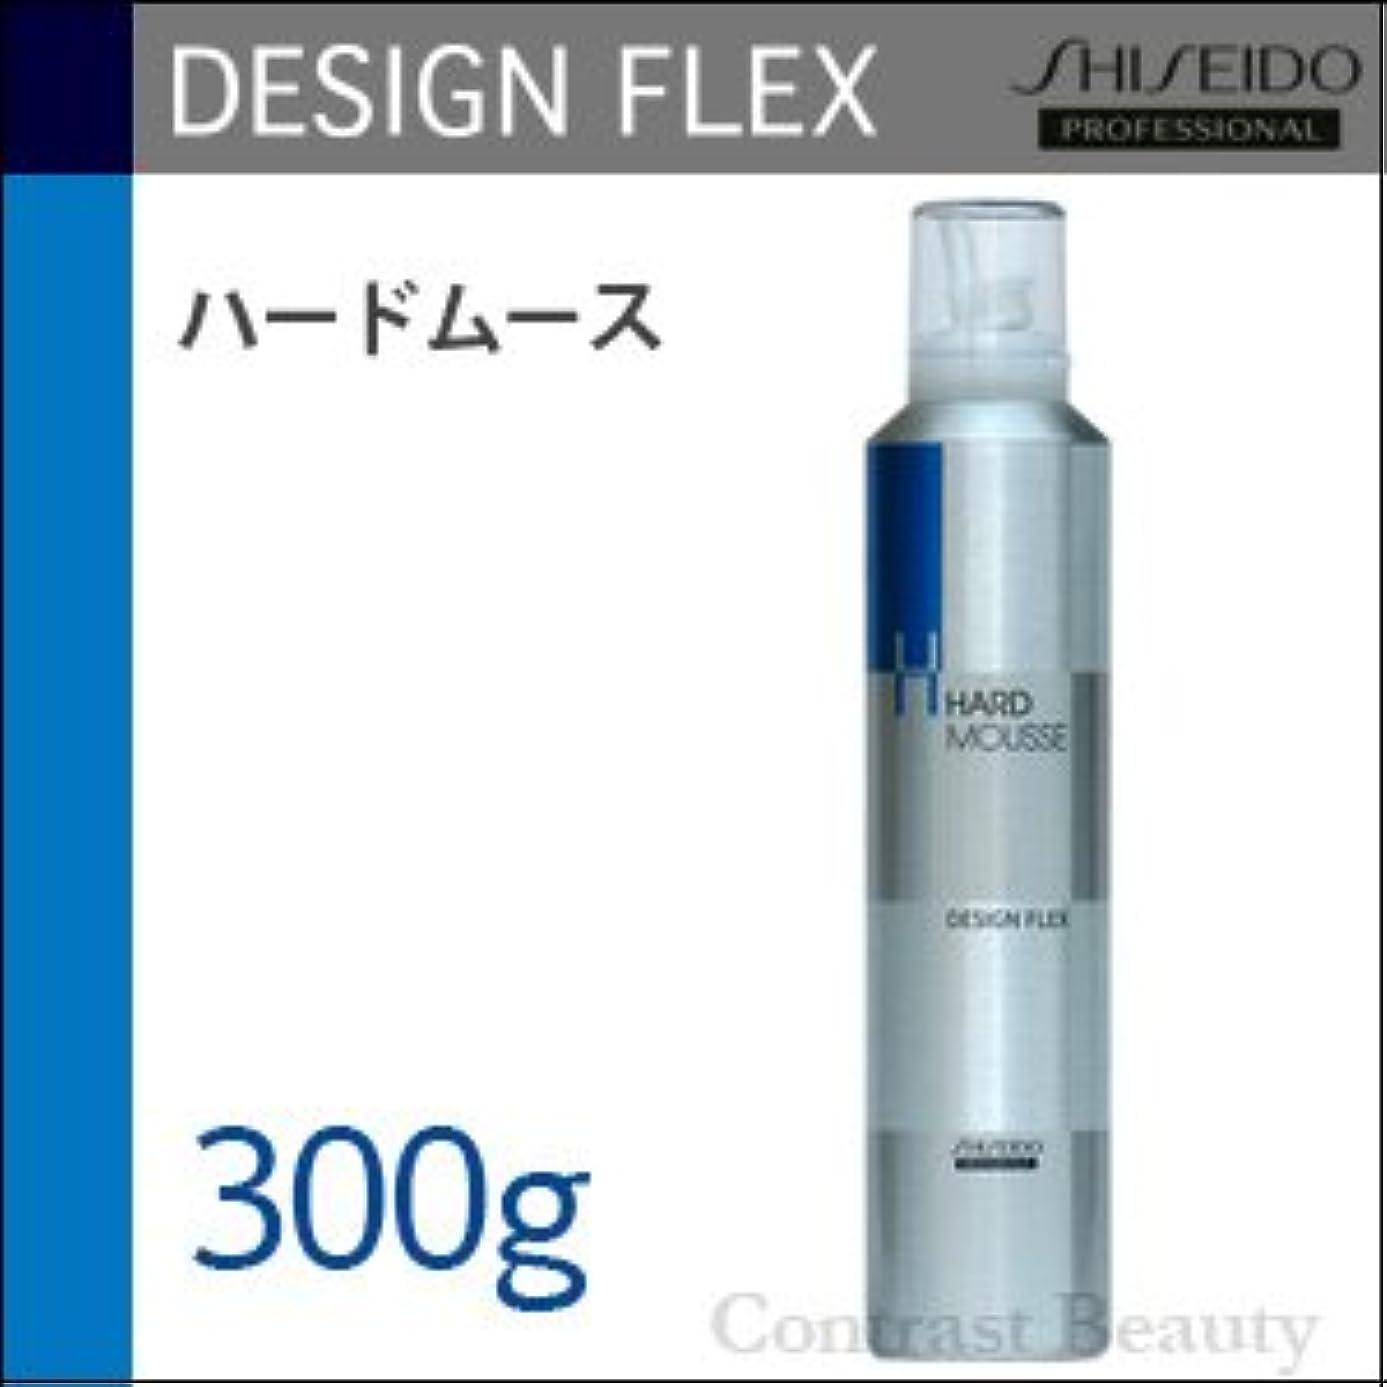 ありそうもっともらしい受付【x3個セット】 資生堂 デザインフレックス ハードムース 300g